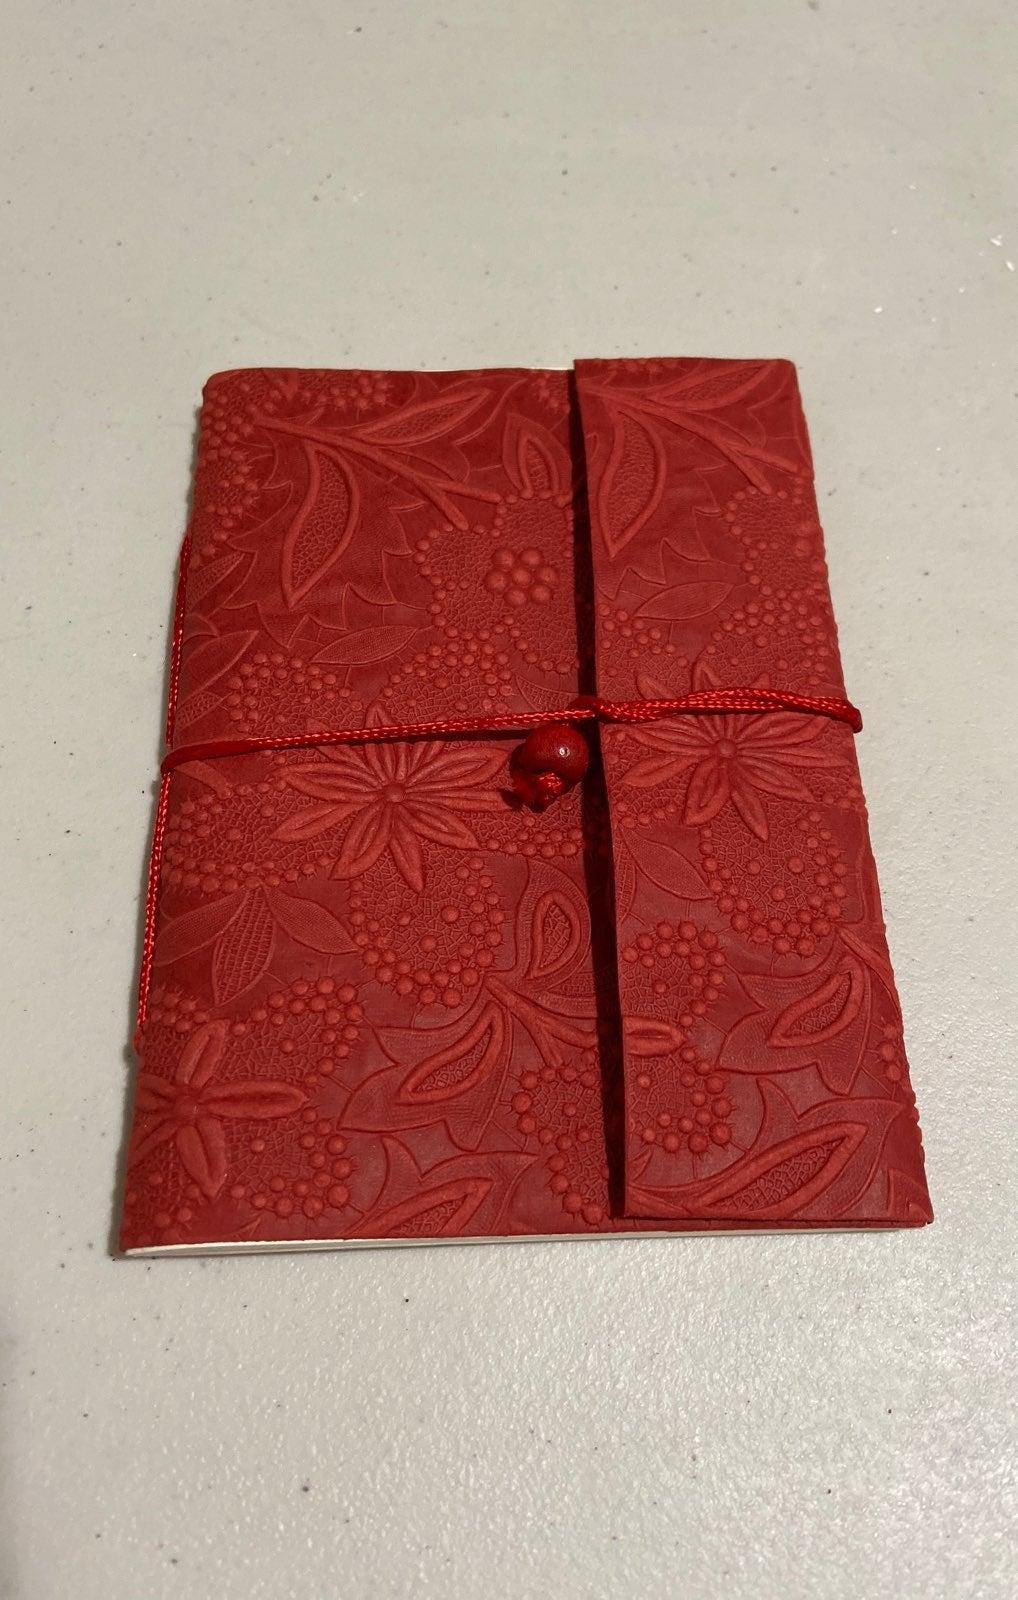 Pressed Flowers - Notebook